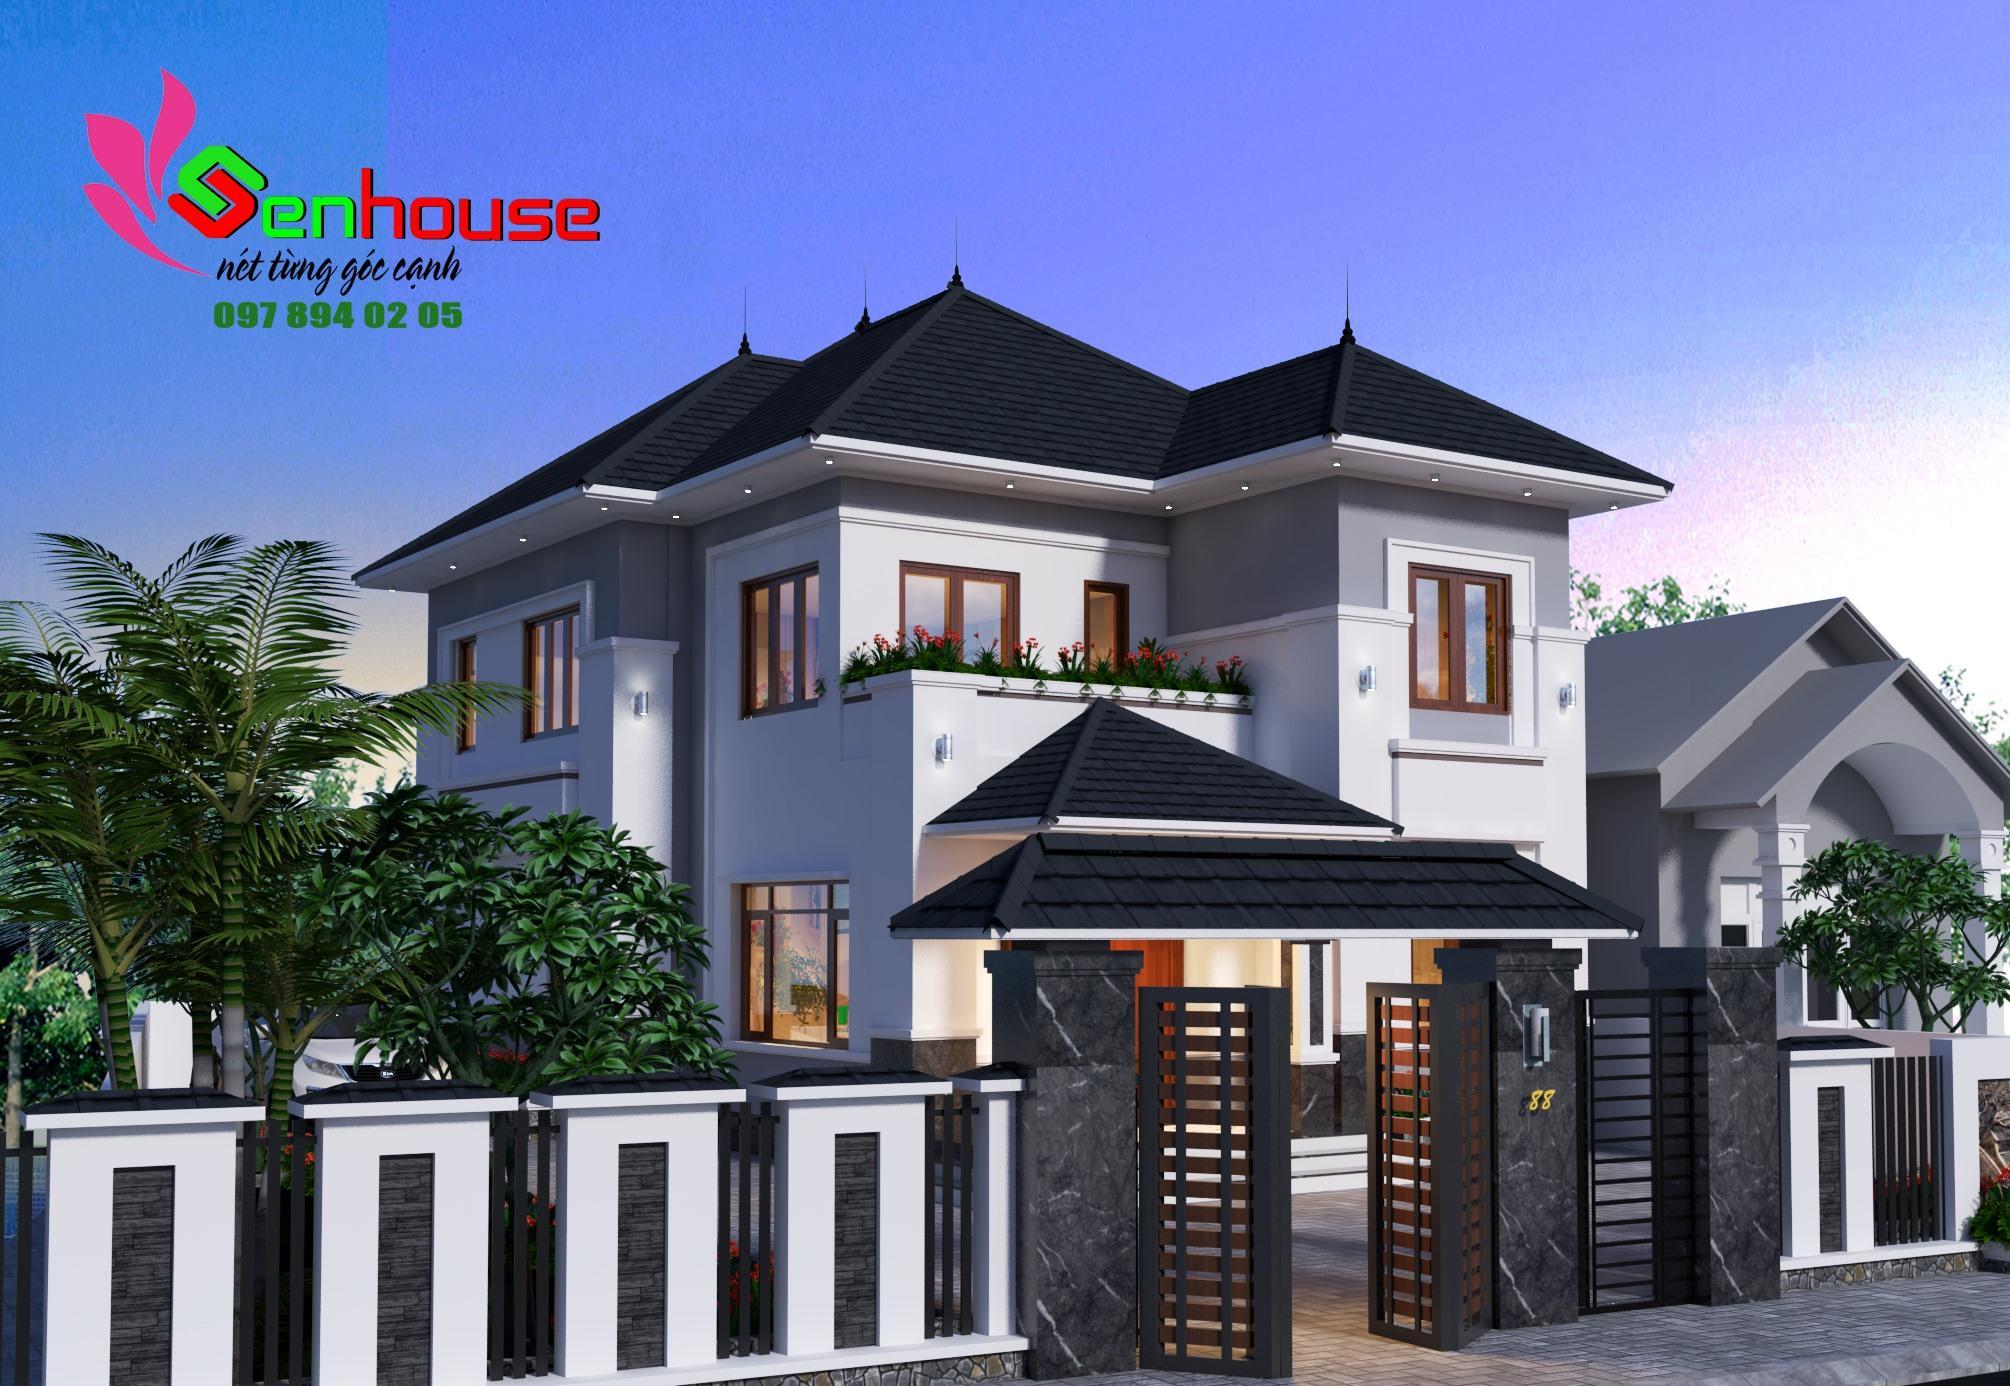 Mẫu thiết kế nhà 2 tầng cho gia đình anh Hoàng tại Hồng Lĩnh Hà Tĩnh